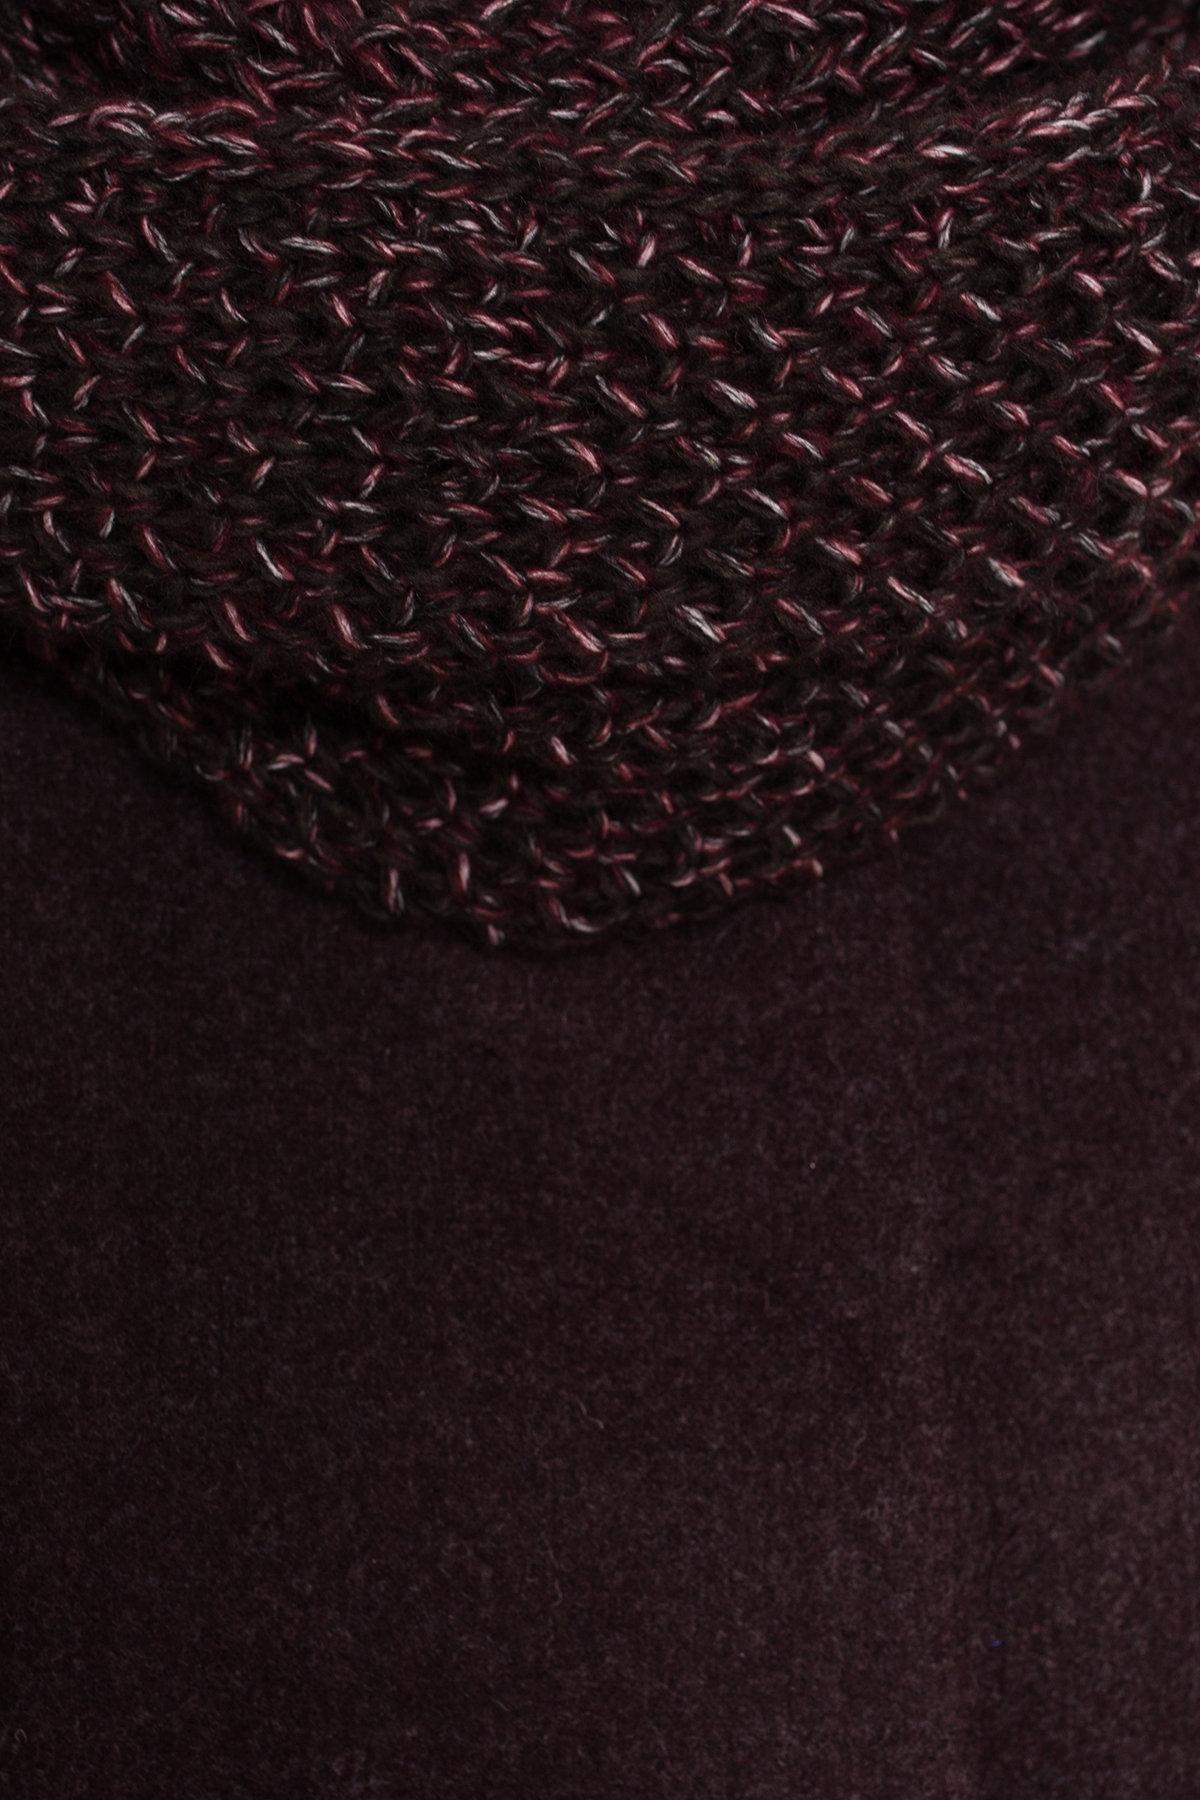 Пальто зима с хомутом Мелини 5644 АРТ. 38236 Цвет: Марсала 5 - фото 6, интернет магазин tm-modus.ru